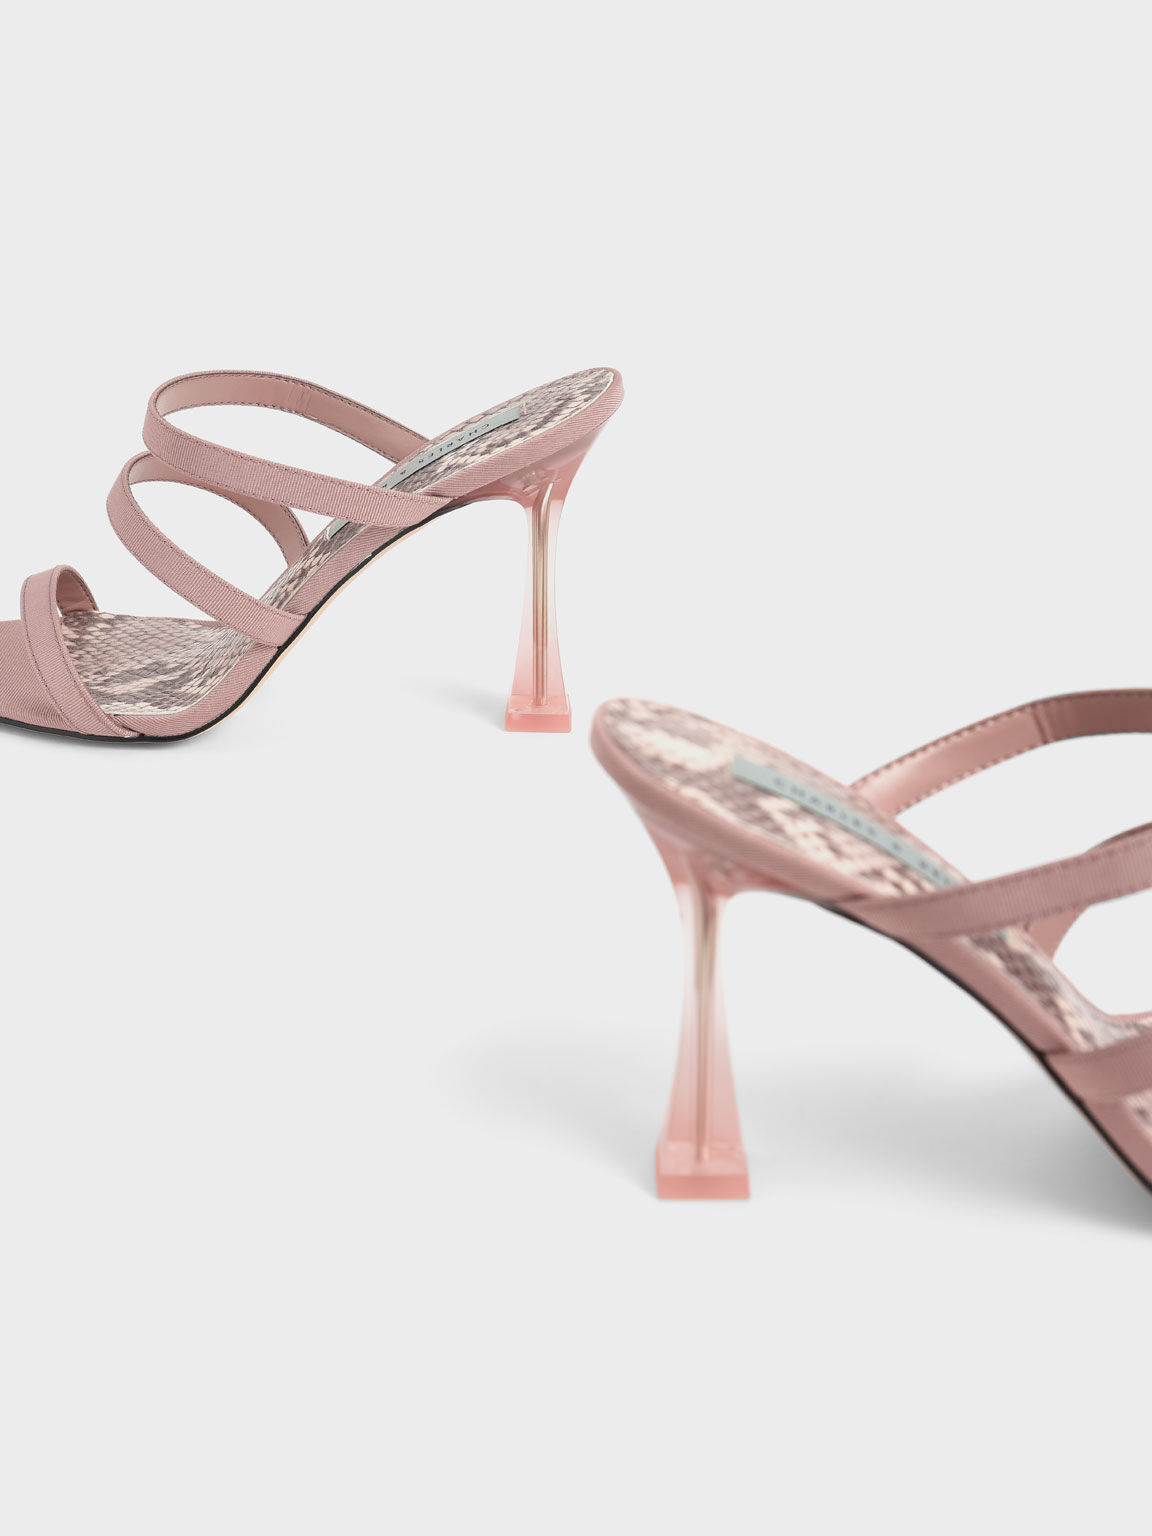 Clear Sculptural Heel Sandals, Nude, hi-res